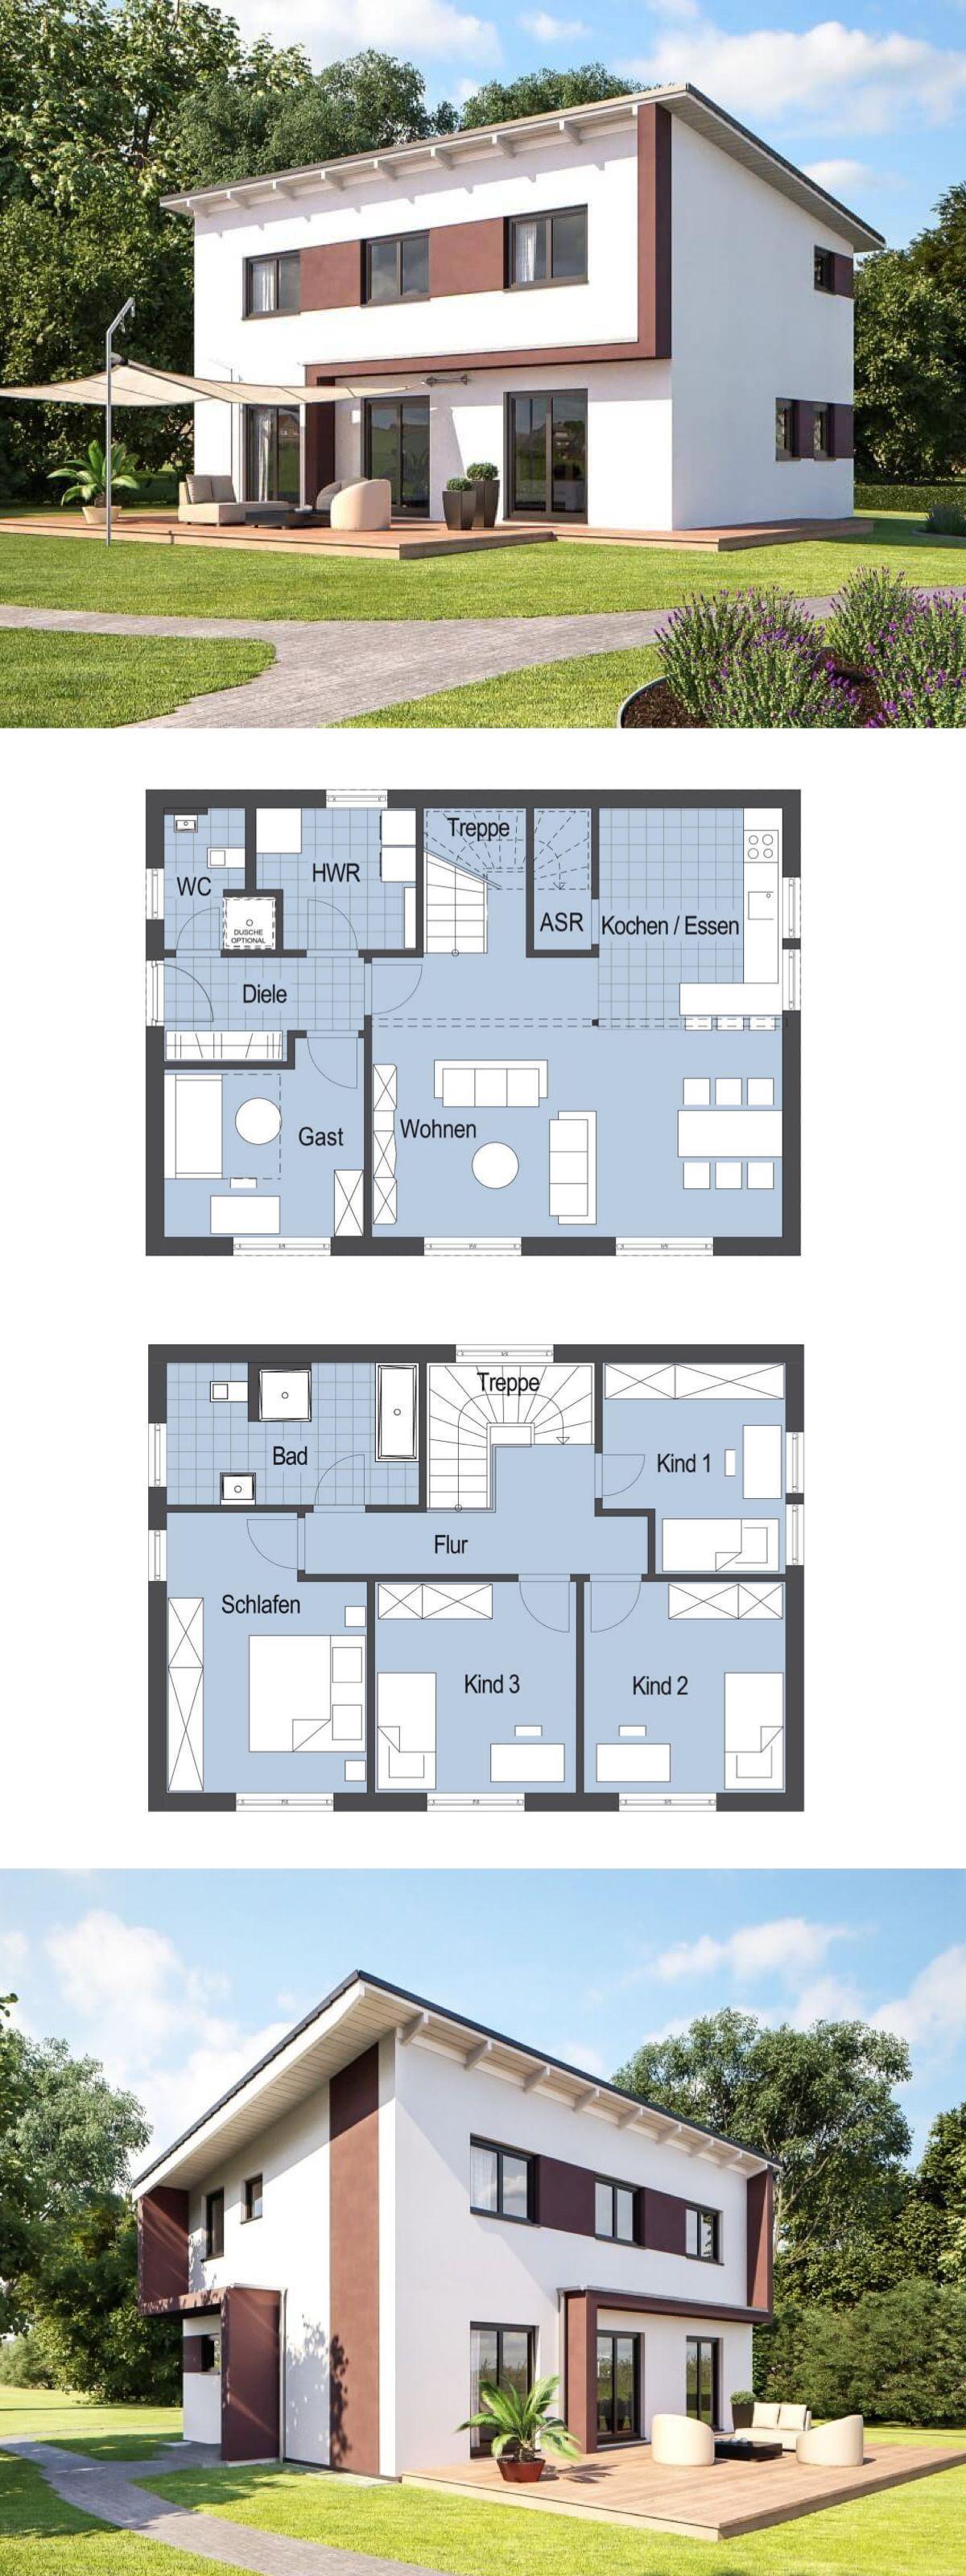 Modernes haus mit pultdach architektur und terrasse for Modernes haus terrasse